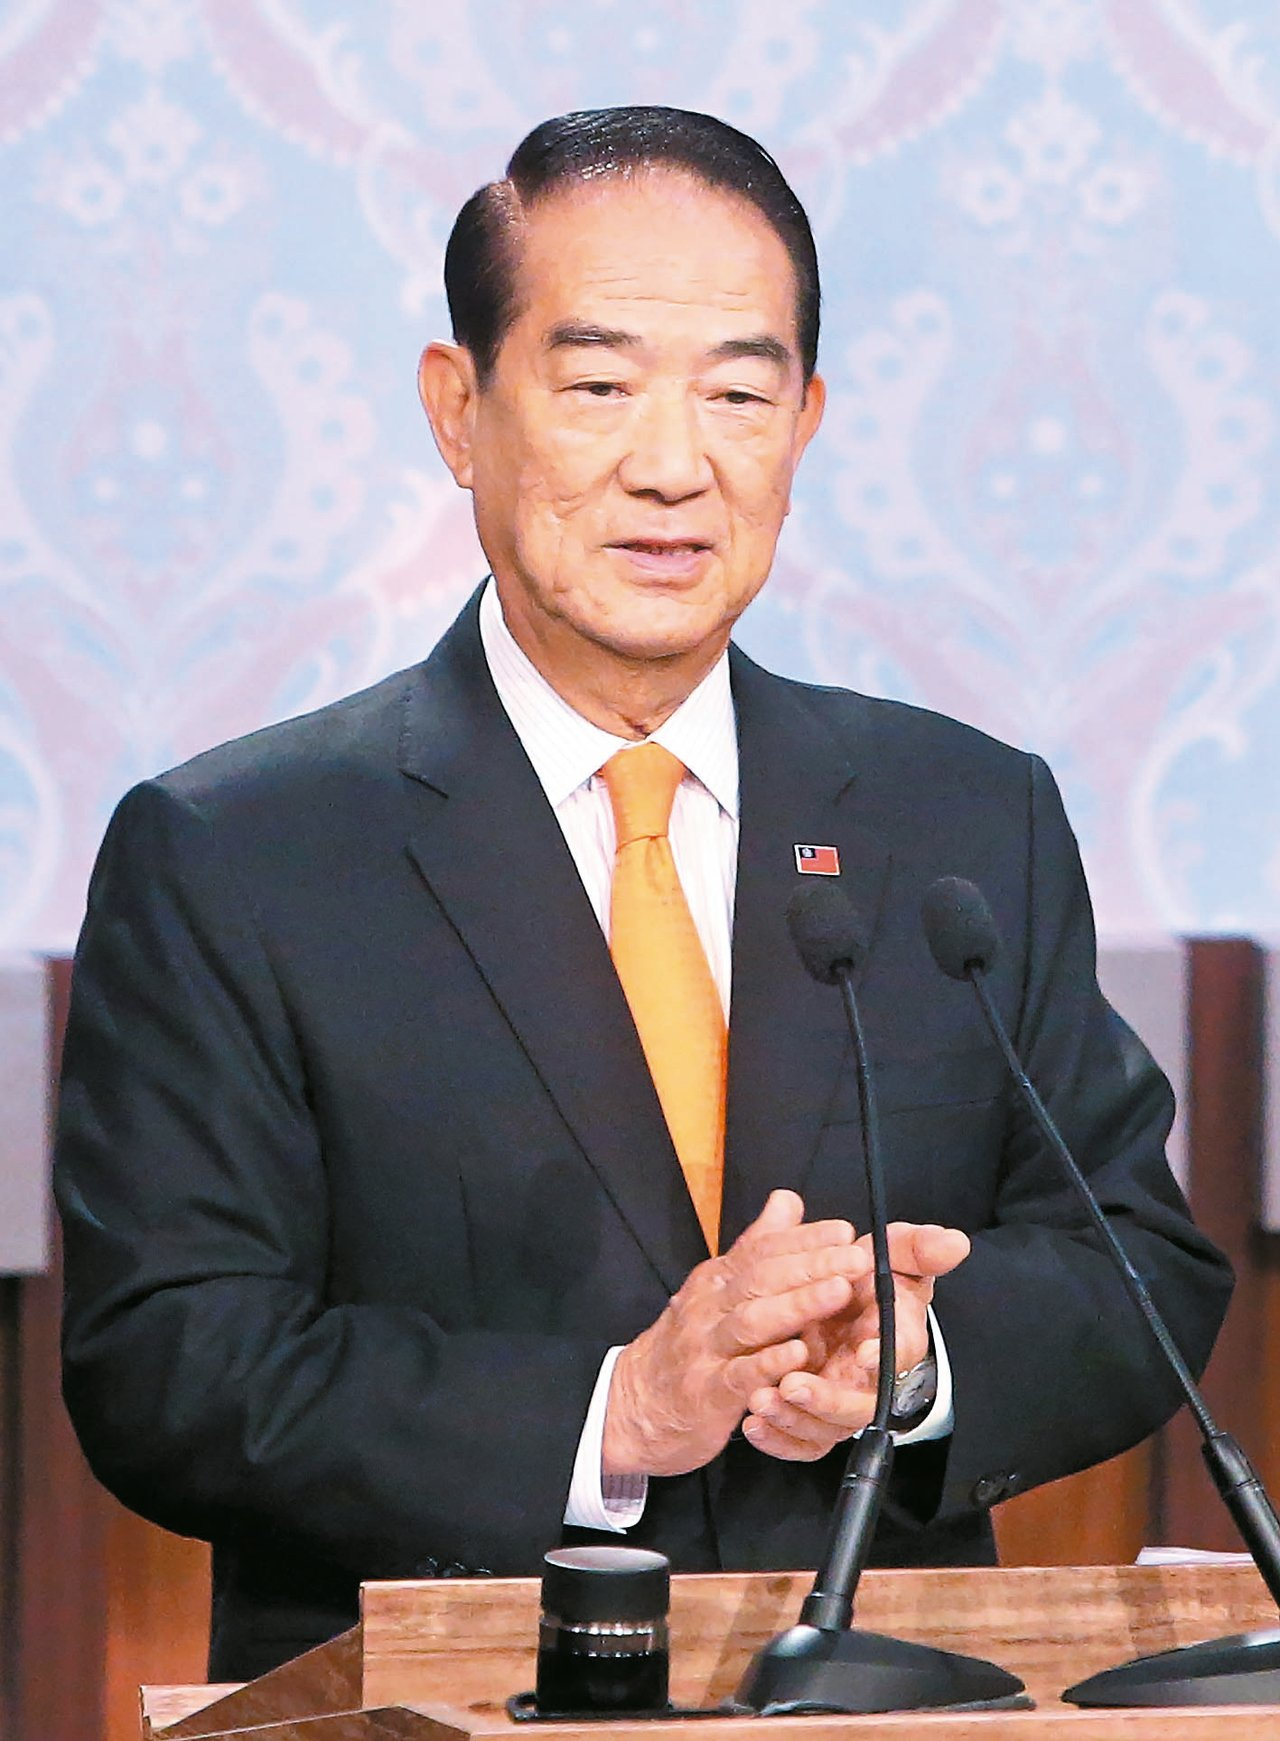 蔡英文總統已邀請親民黨主席宋楚瑜擔任特使,出席今年APEC領袖會議。 本報系資料...